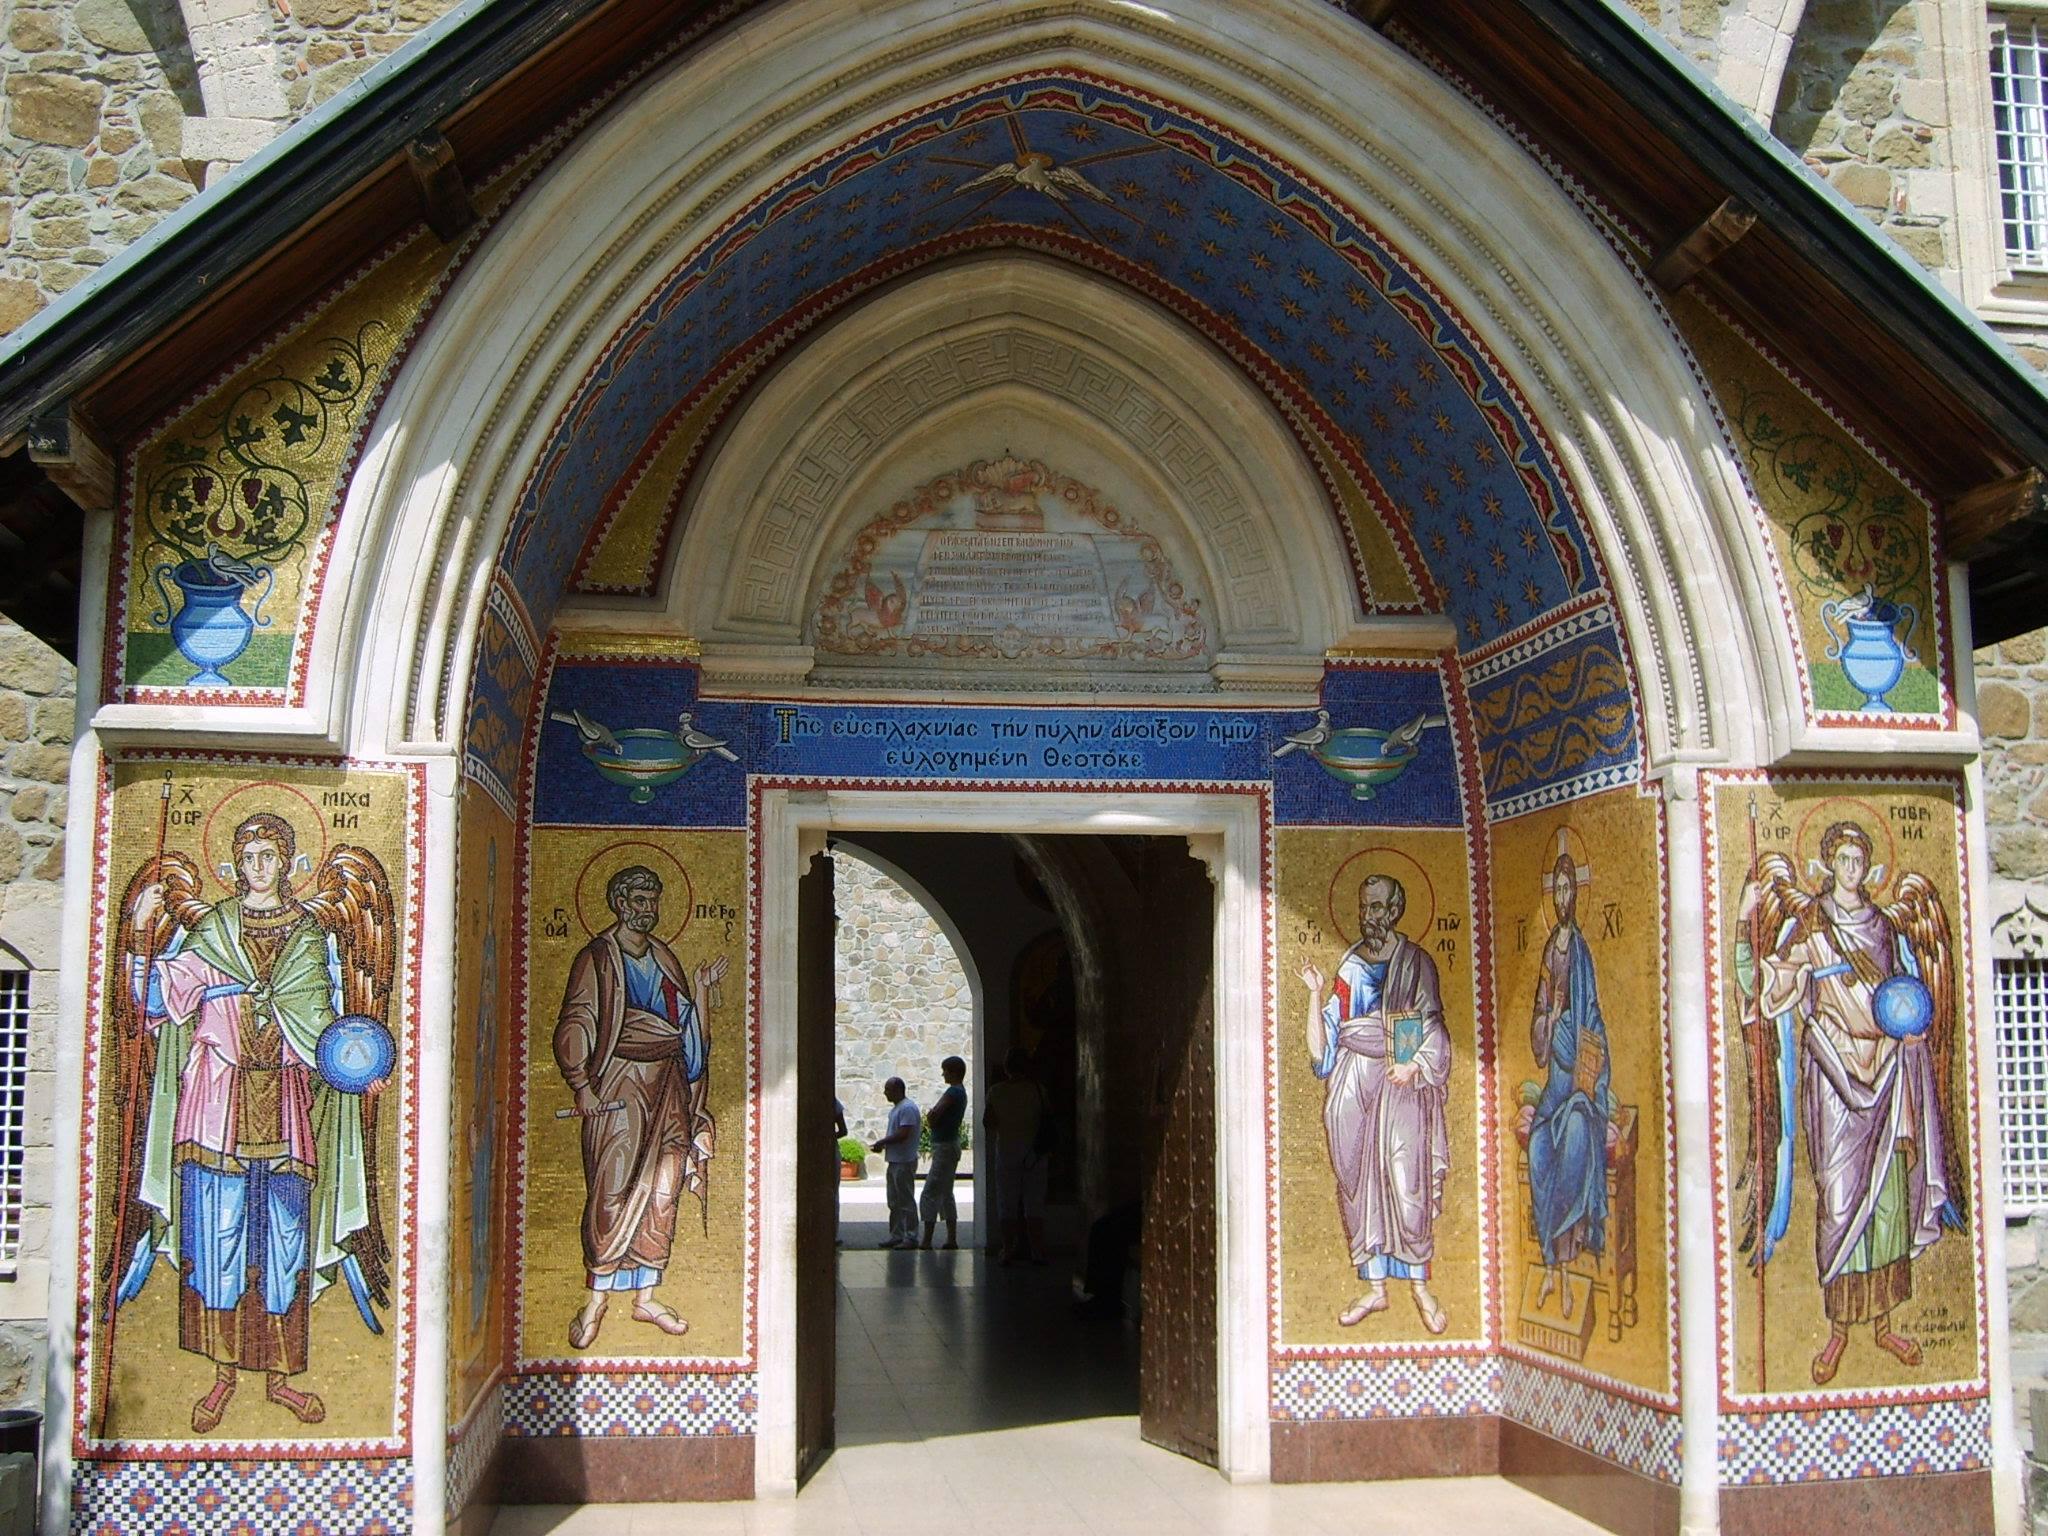 Kykkos kolostor - az egyik leggazdagabb, legfényűzőbb kolostor Cipruson.